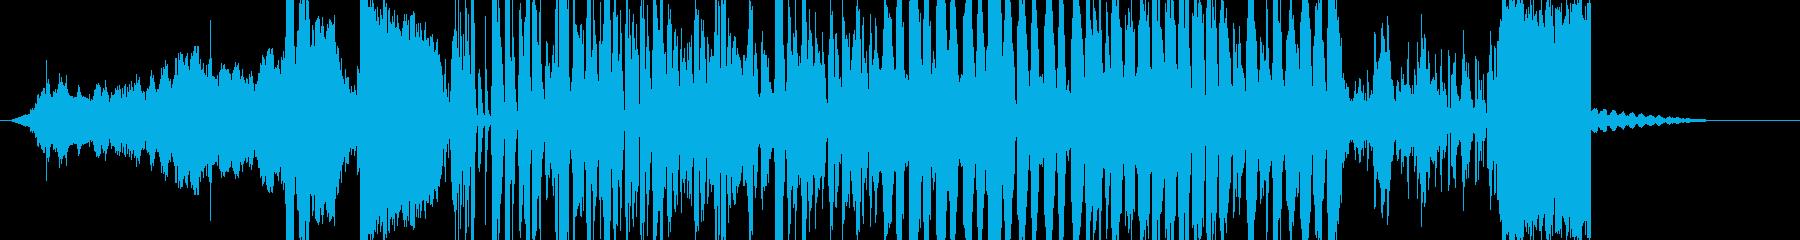 コメディやアニメーションのためのこ...の再生済みの波形